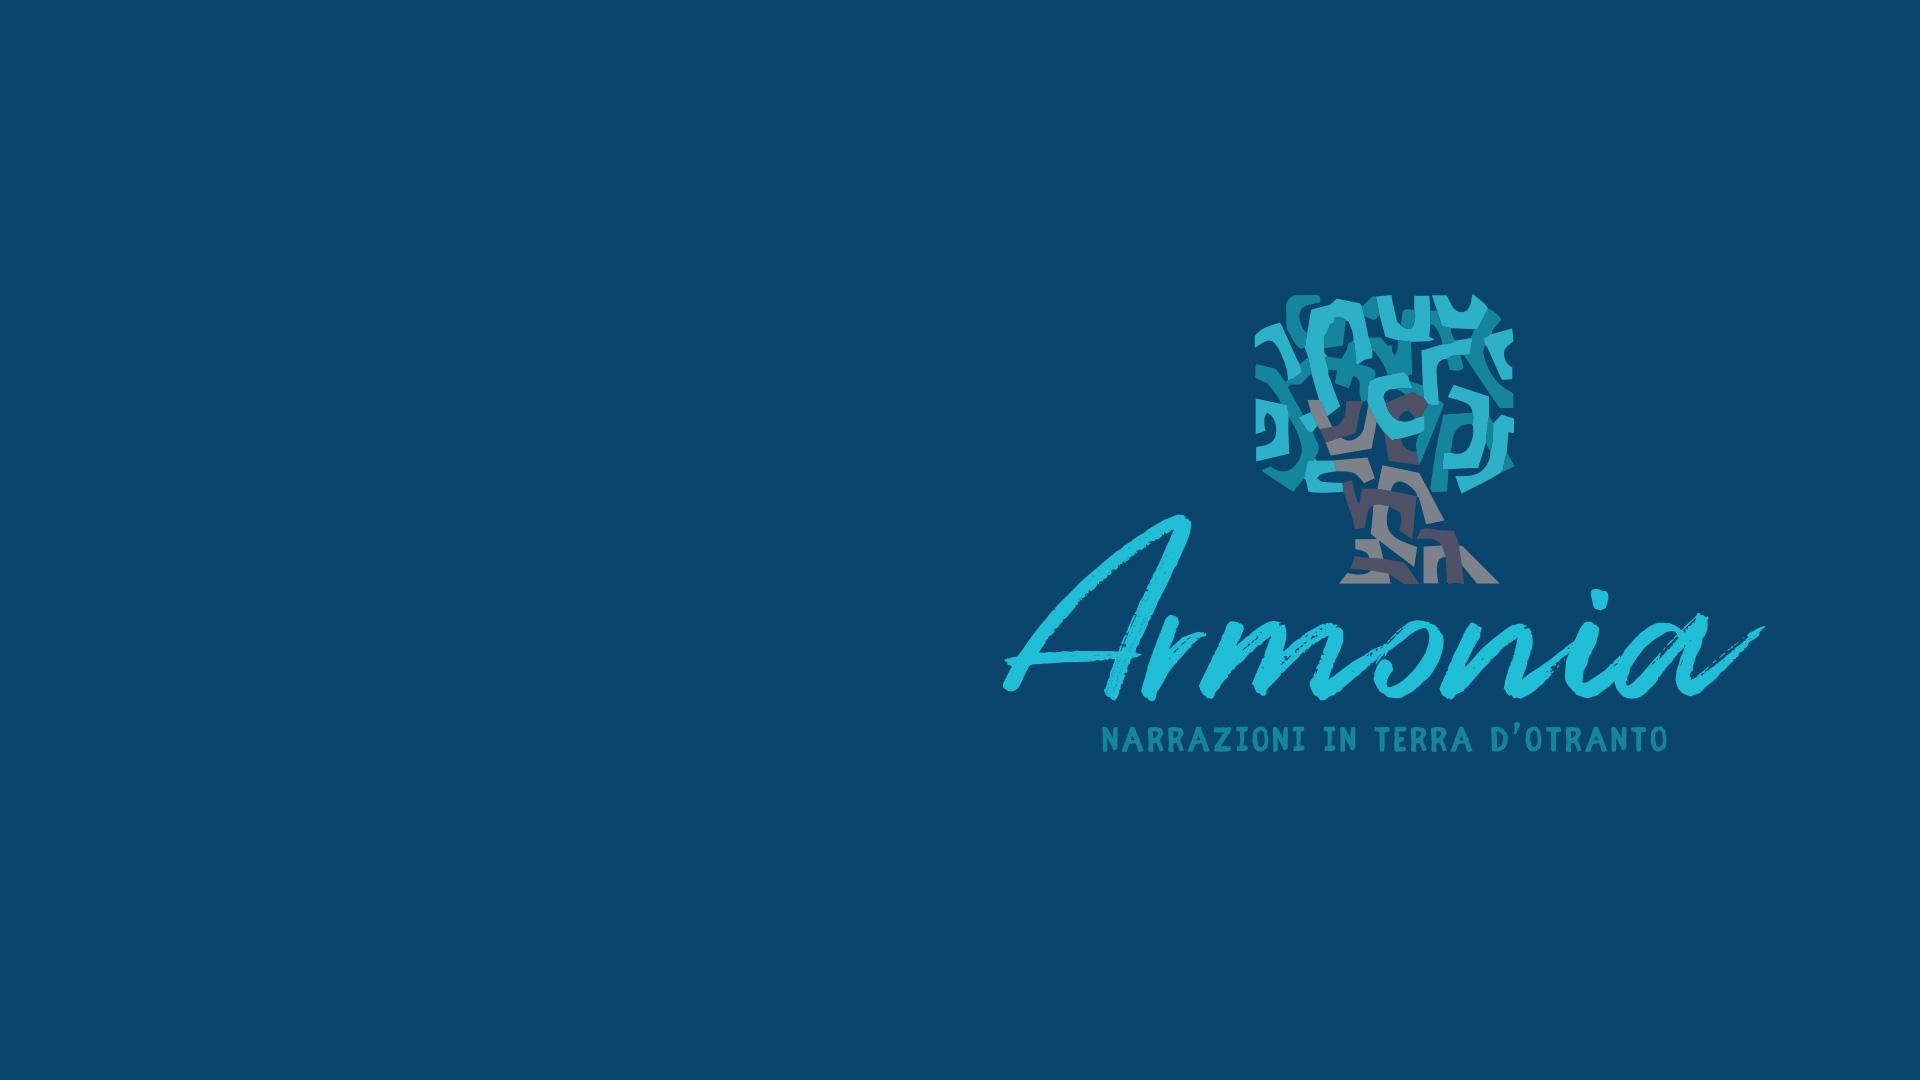 sfondo logo festival armonia - Associazione NarrAzioni